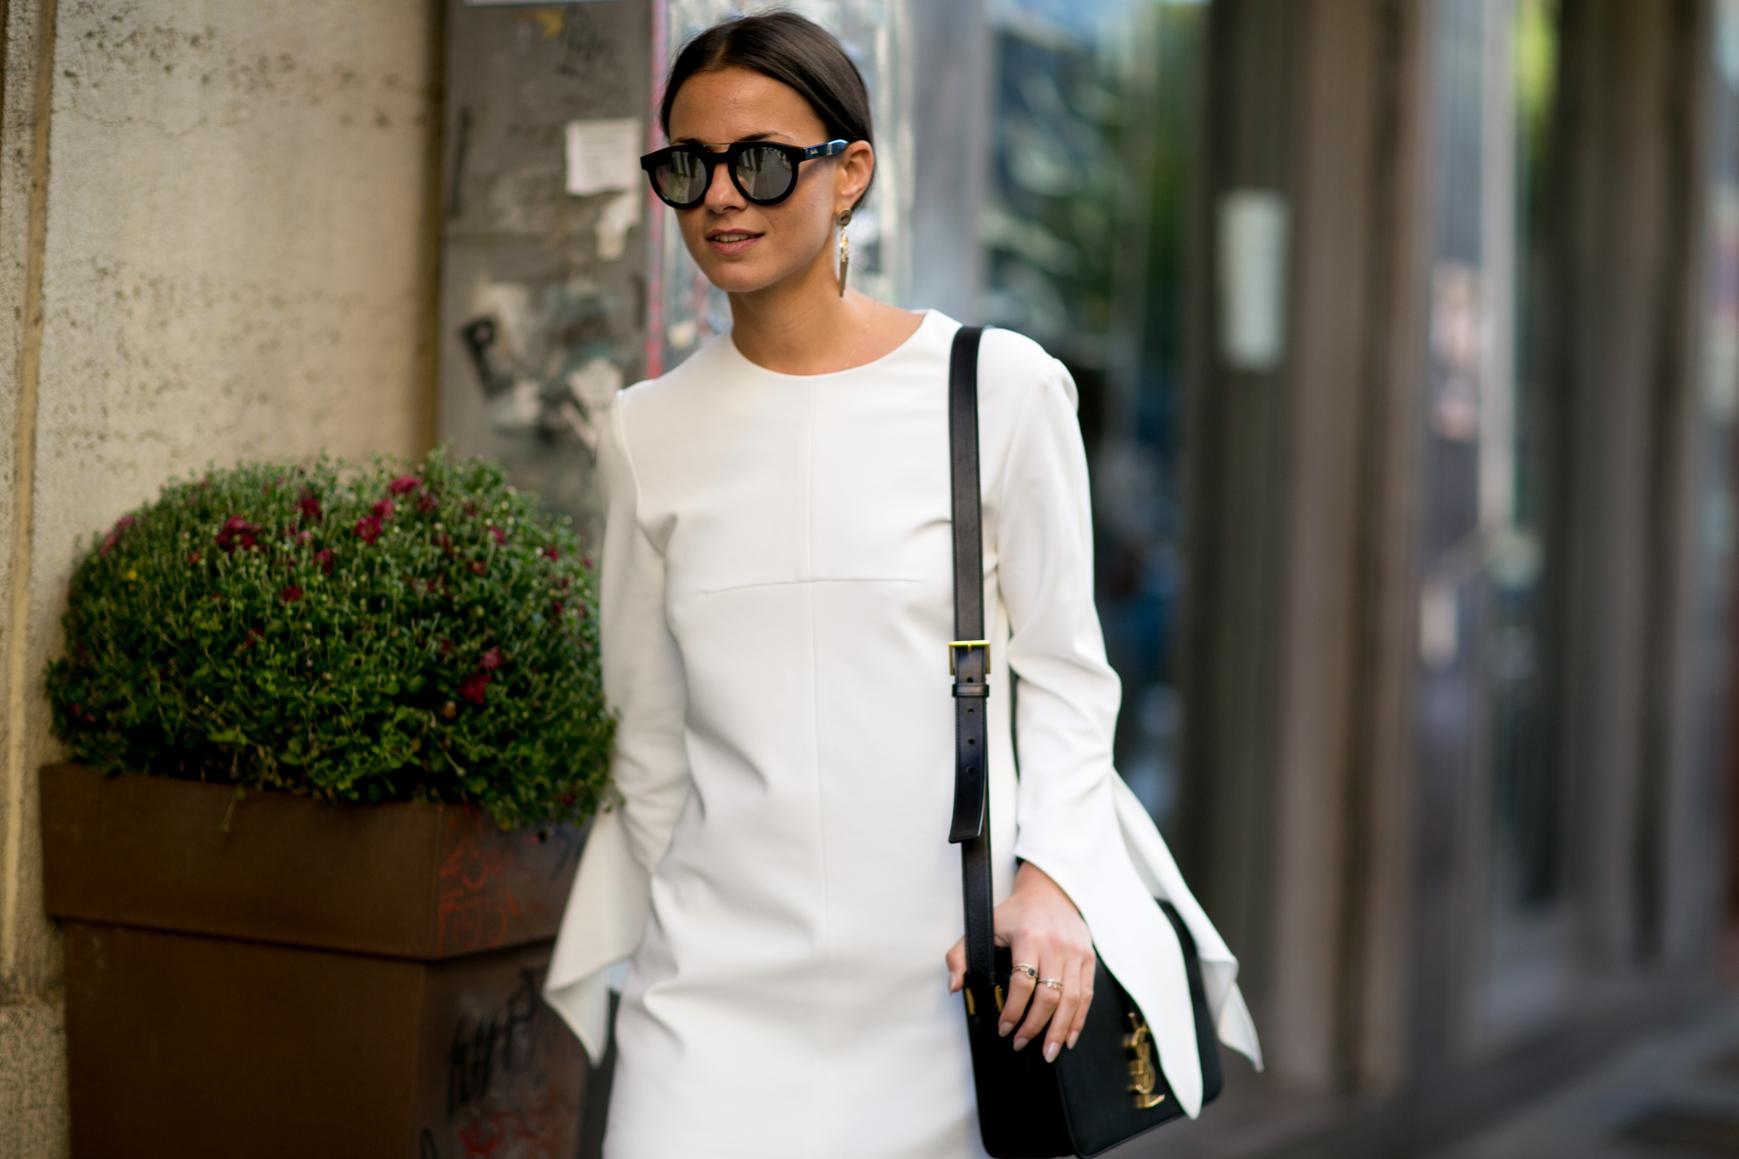 Biała bluzka w stylu koszulowym